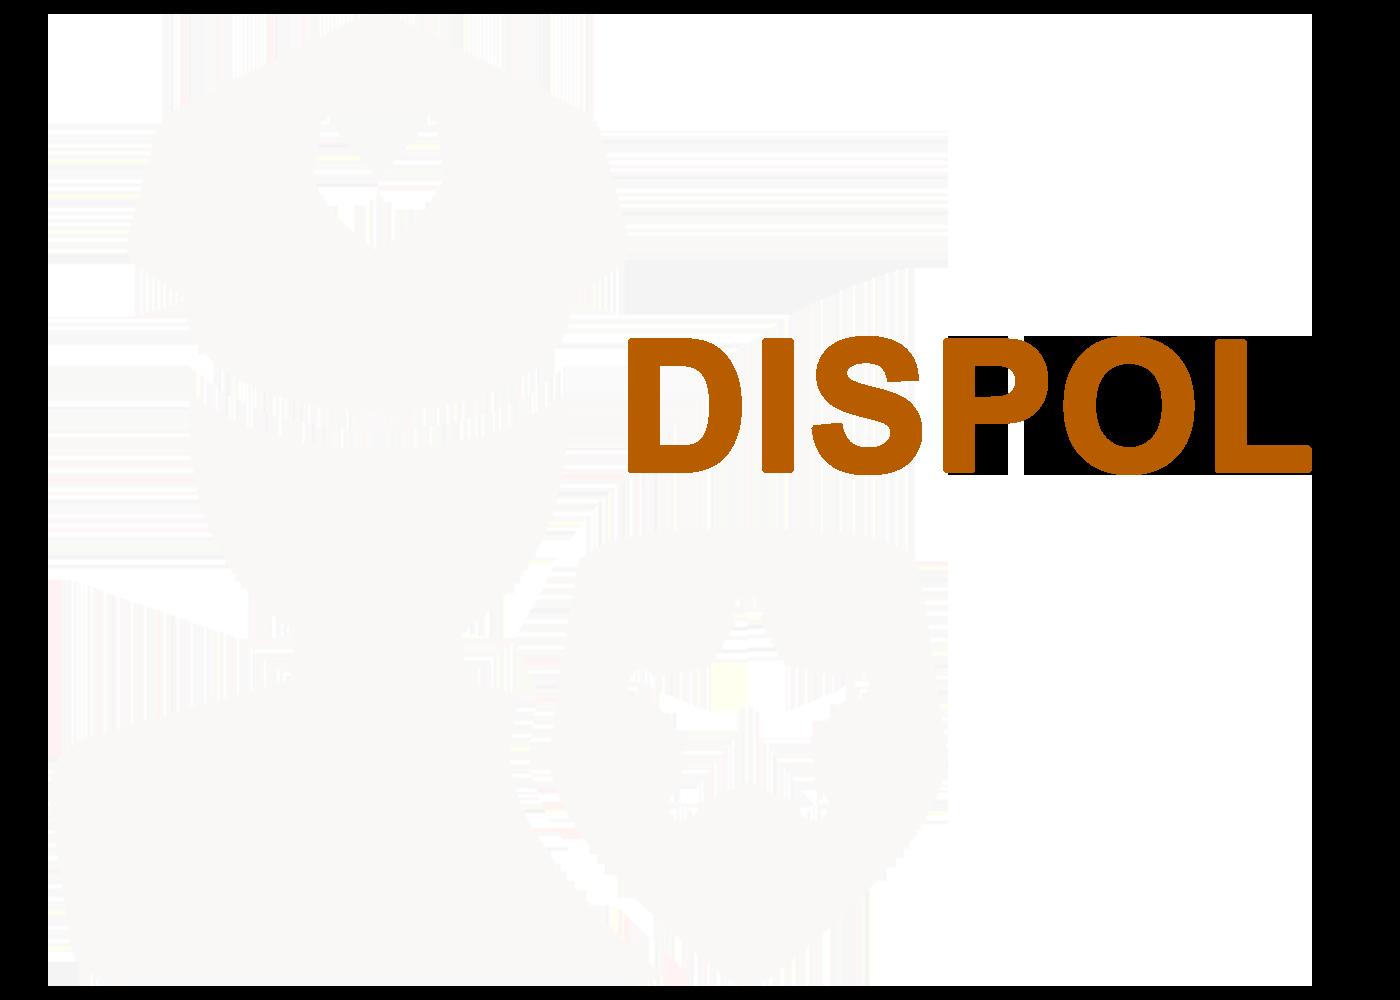 Logo Cuerpos de seguridad y emergencias